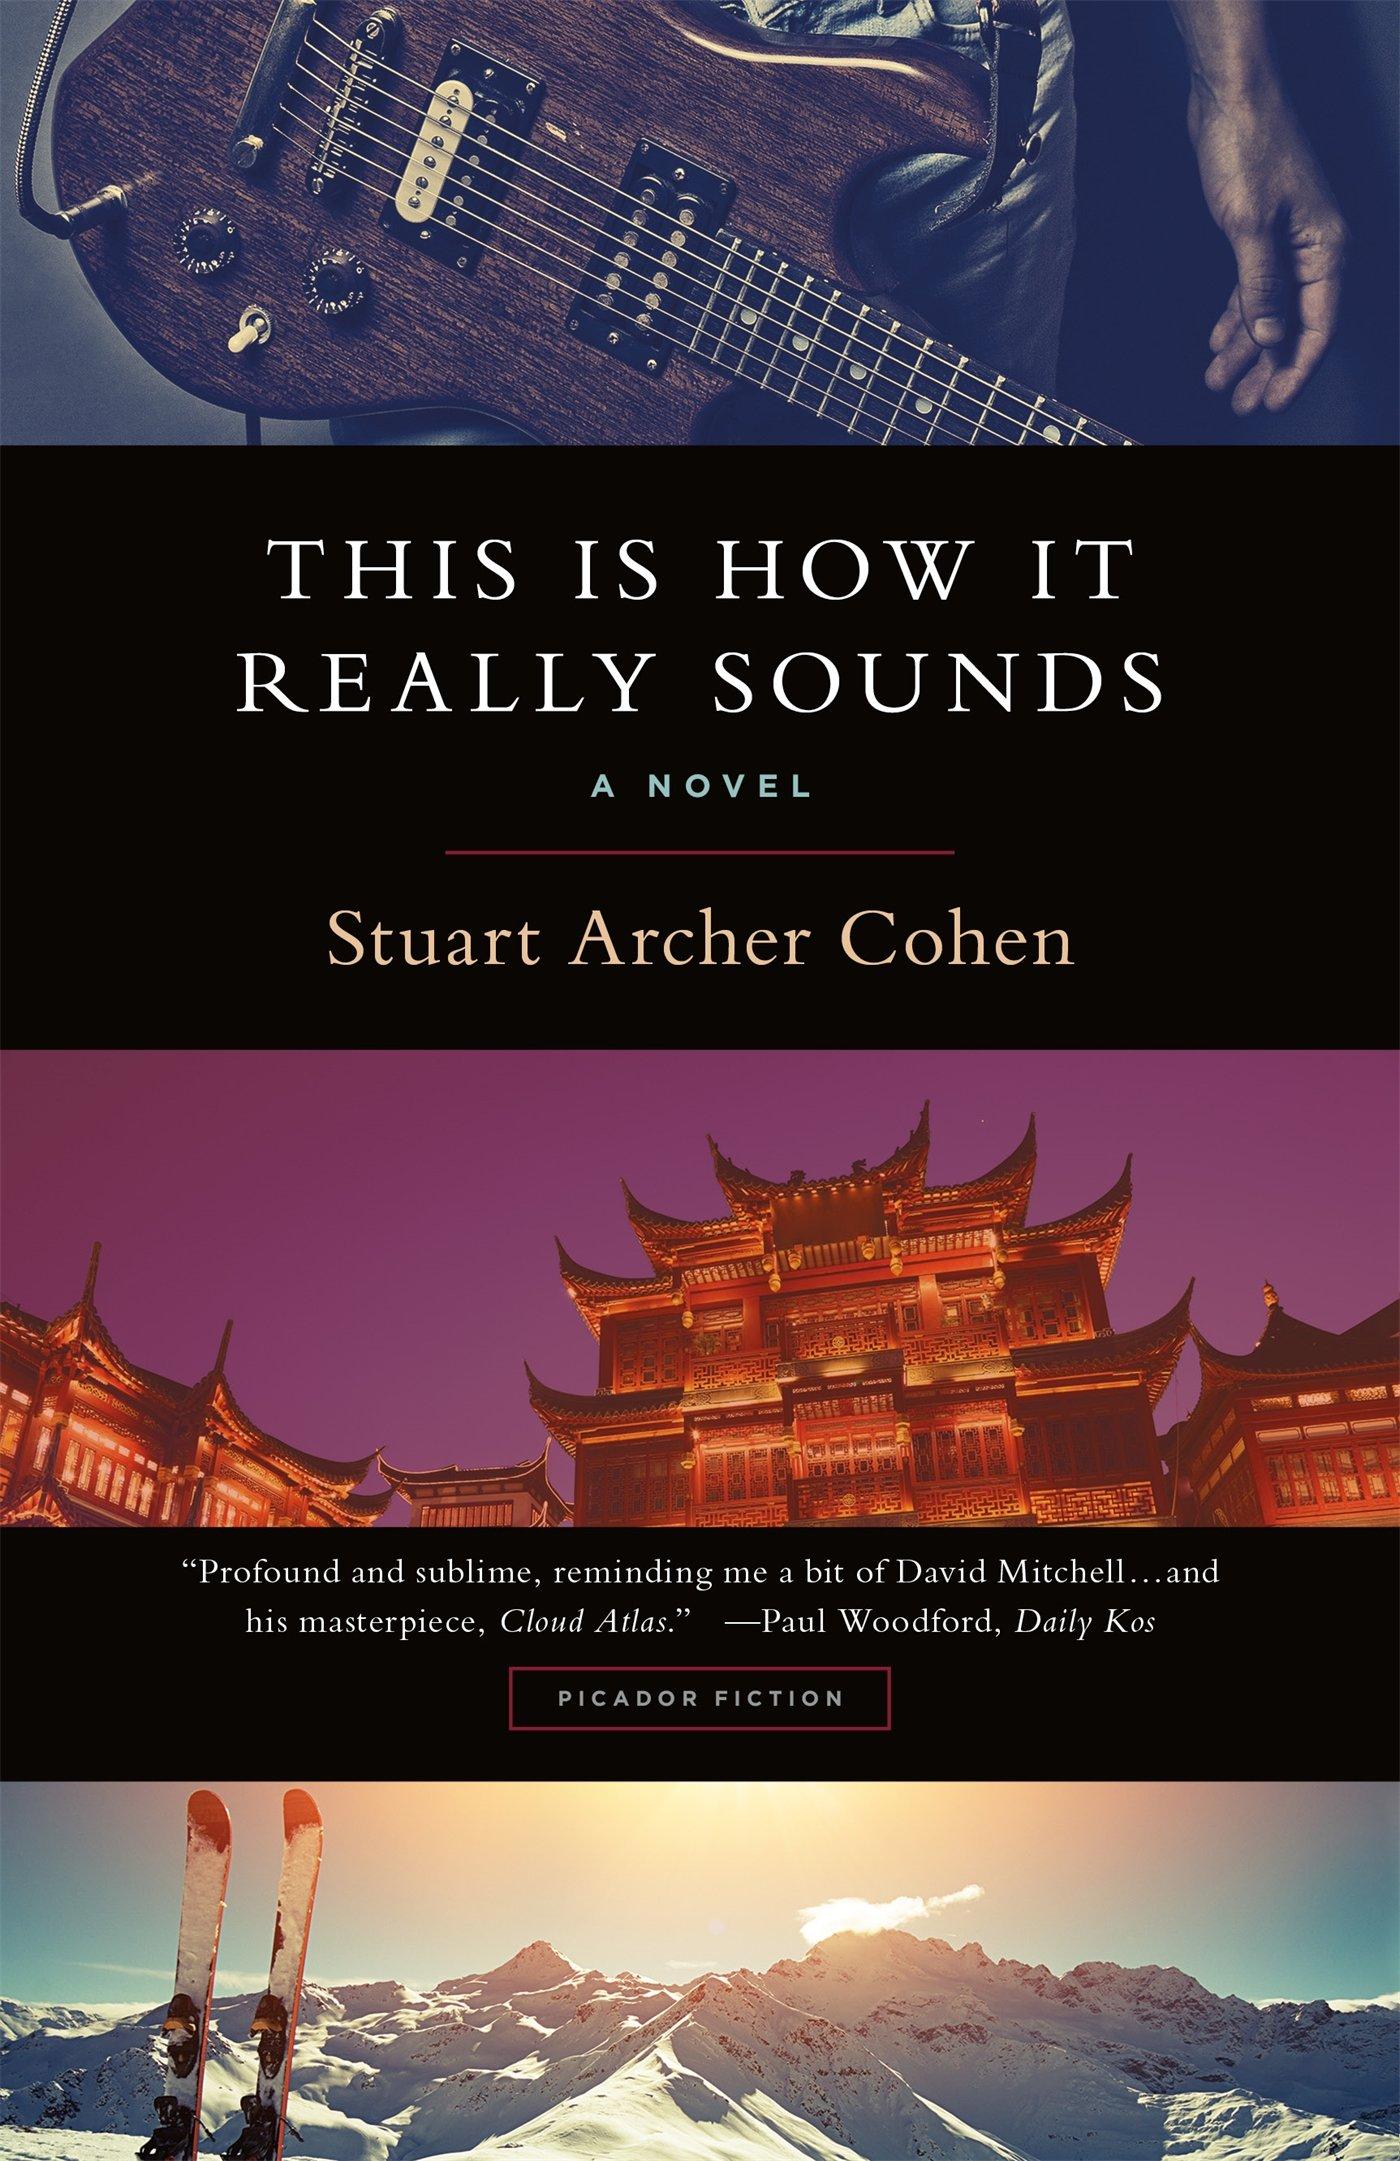 This Is How It Really Sounds: A Novel: Stuart Archer Cohen